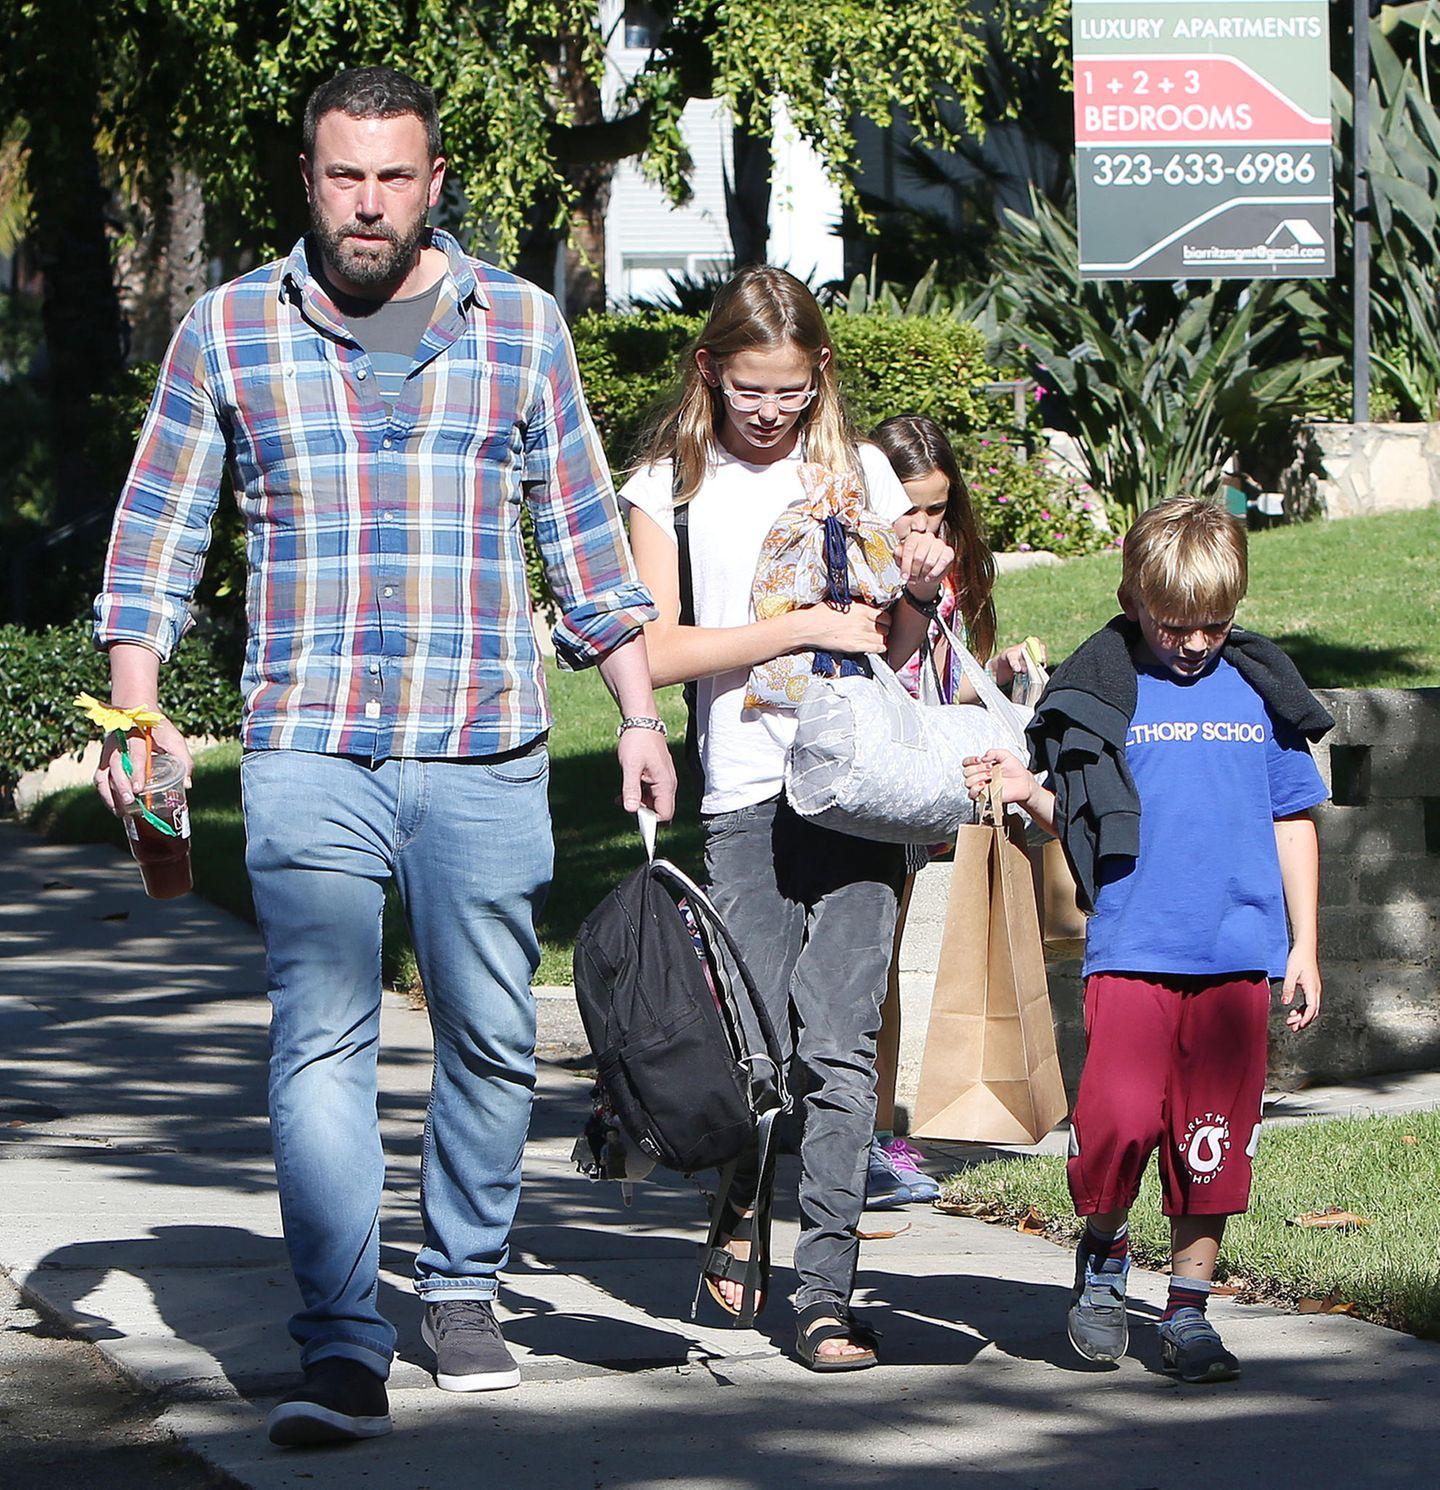 19. Oktober 2018  Ben Affleck holt die Kids von der Schule ab. So richtig entspannt schaut der Schauspieler allerdings nicht aus.